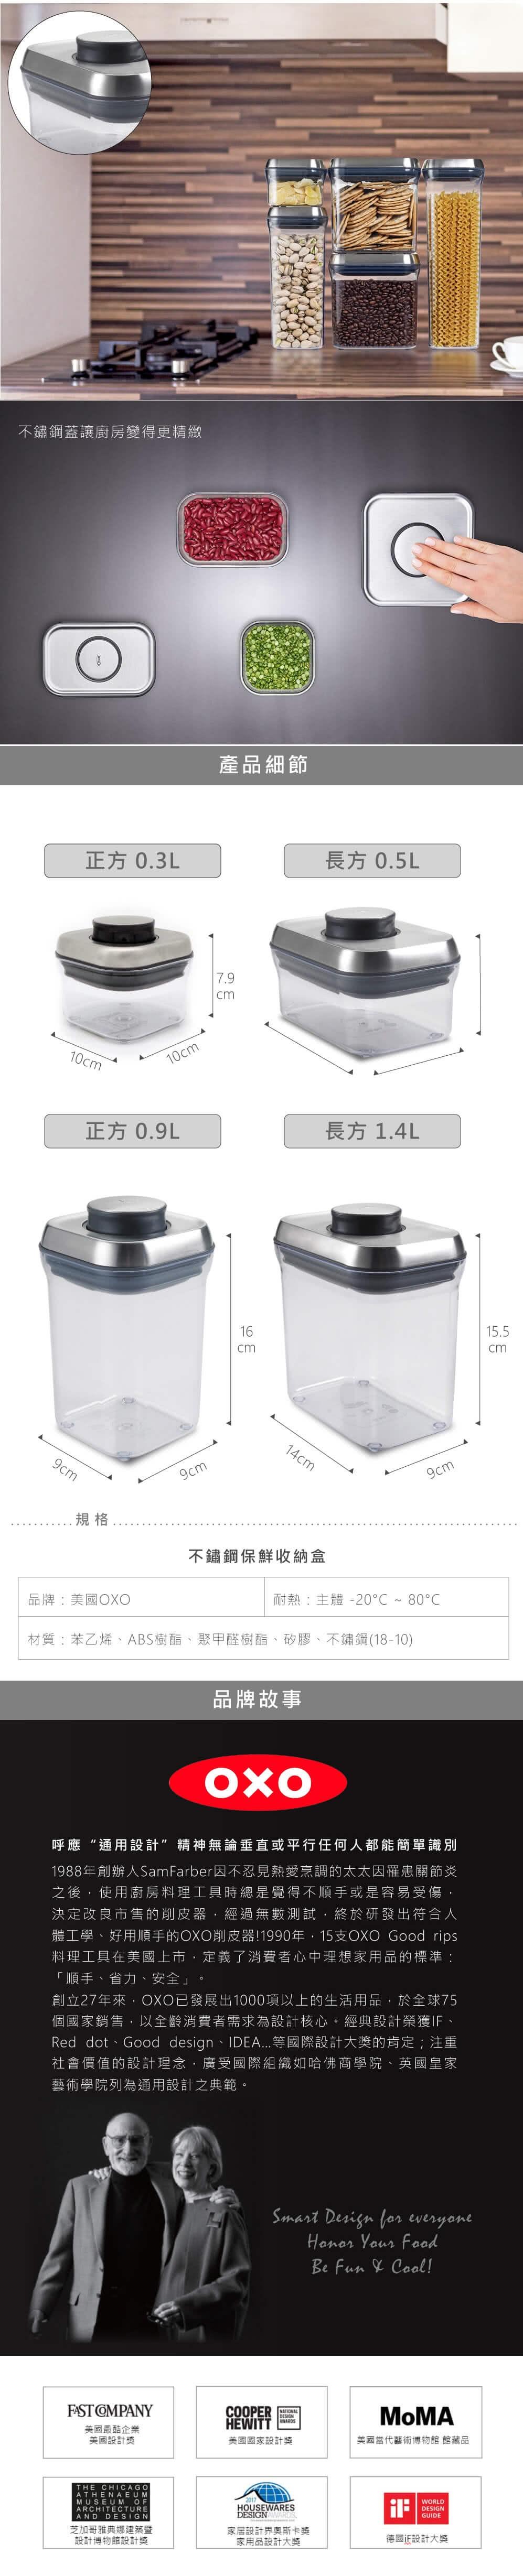 美國 OXO POP 不鏽鋼按壓保鮮收納盒